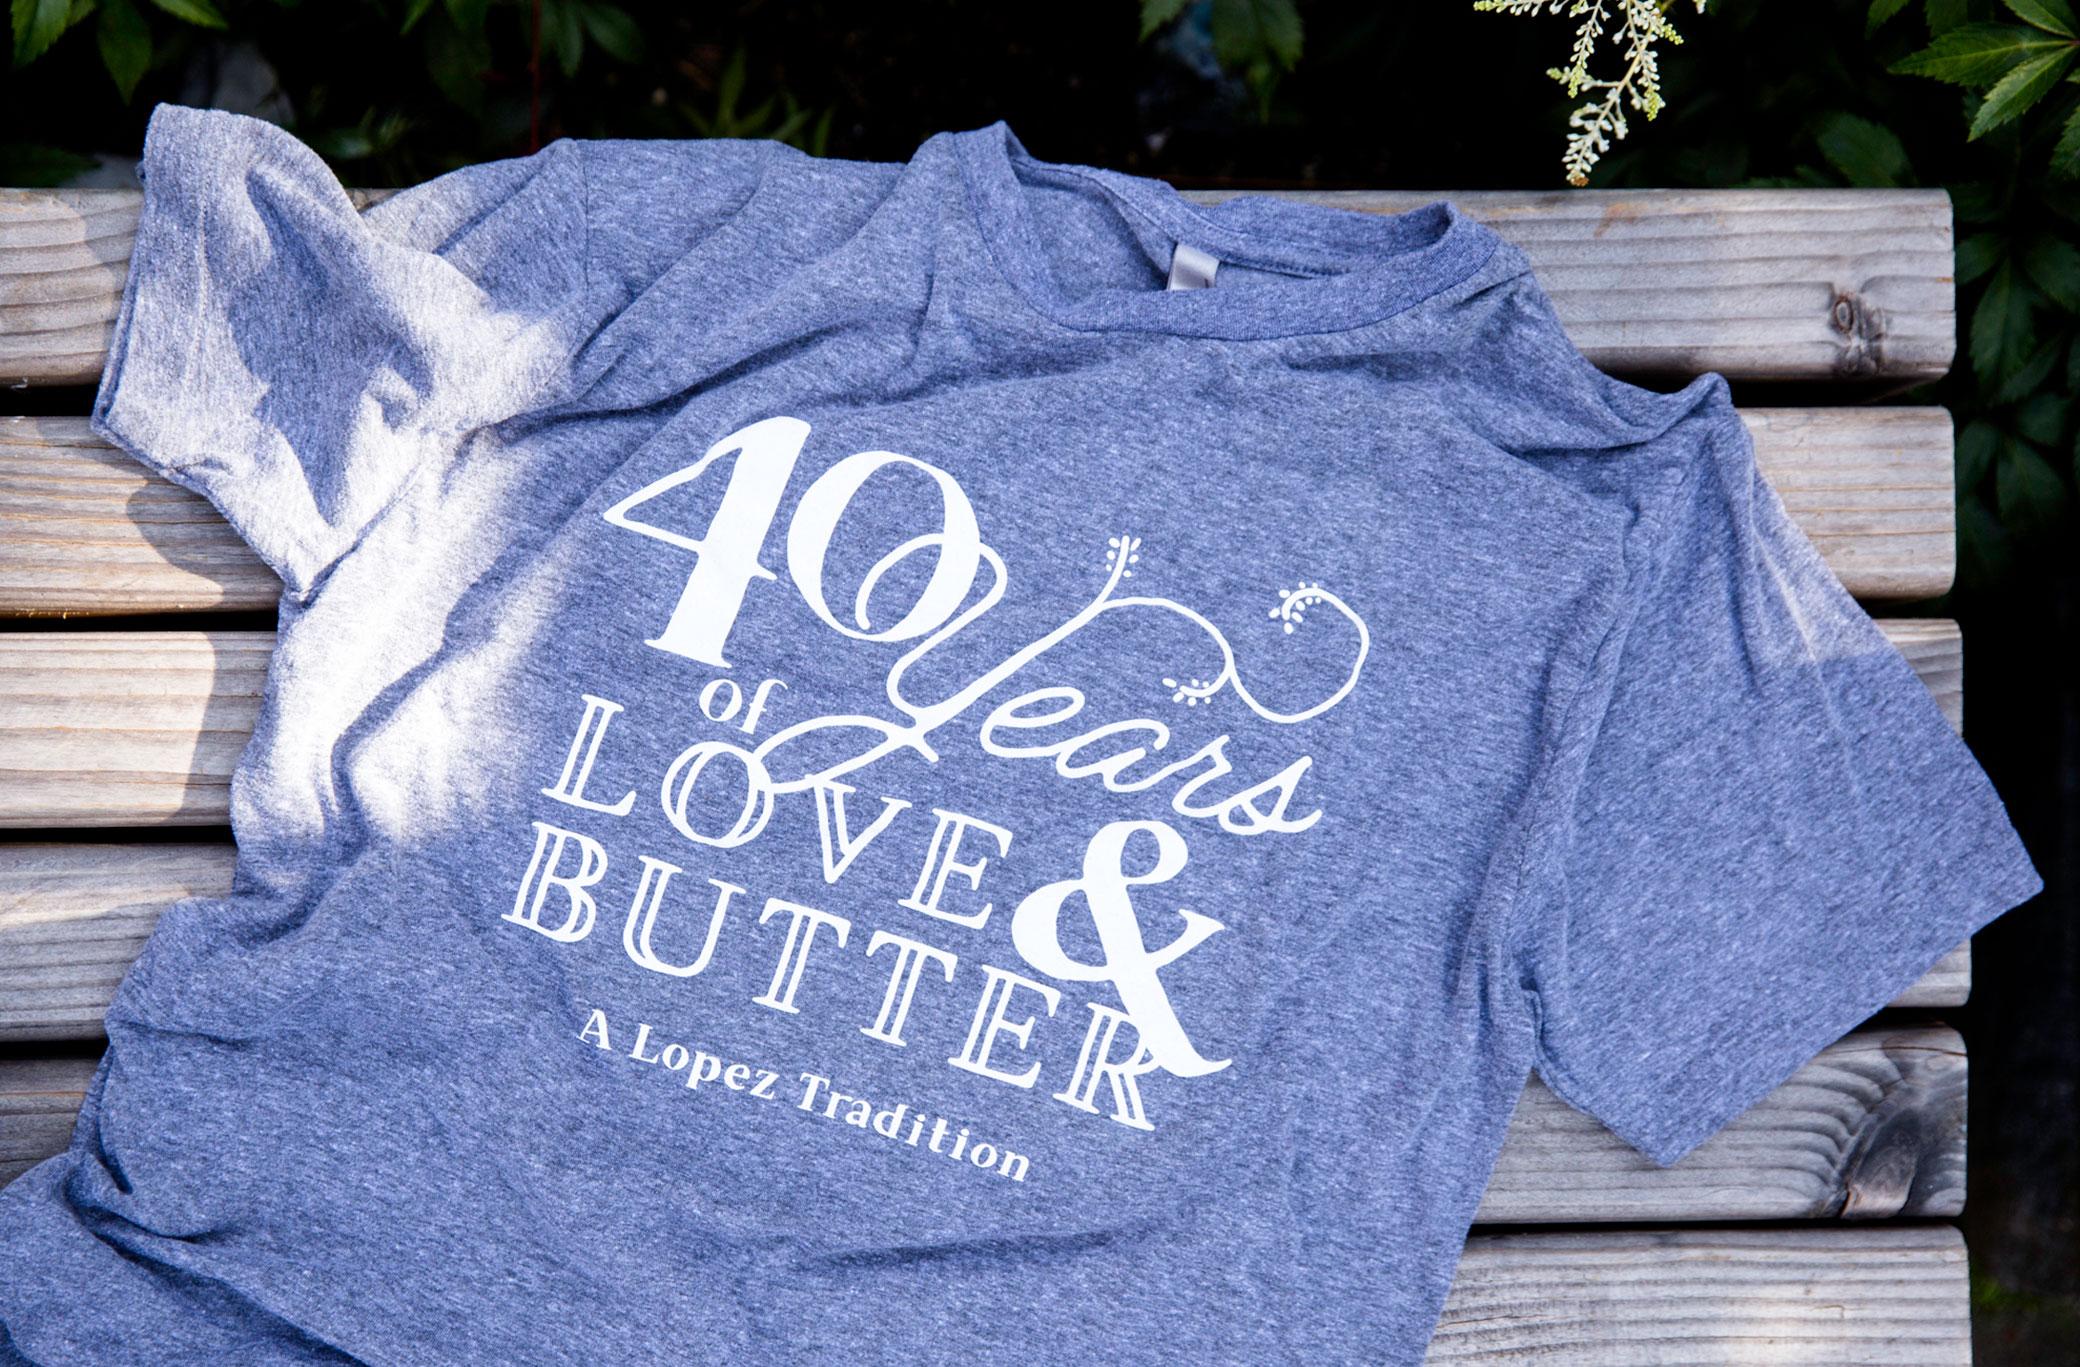 t-shirt_2080x1367